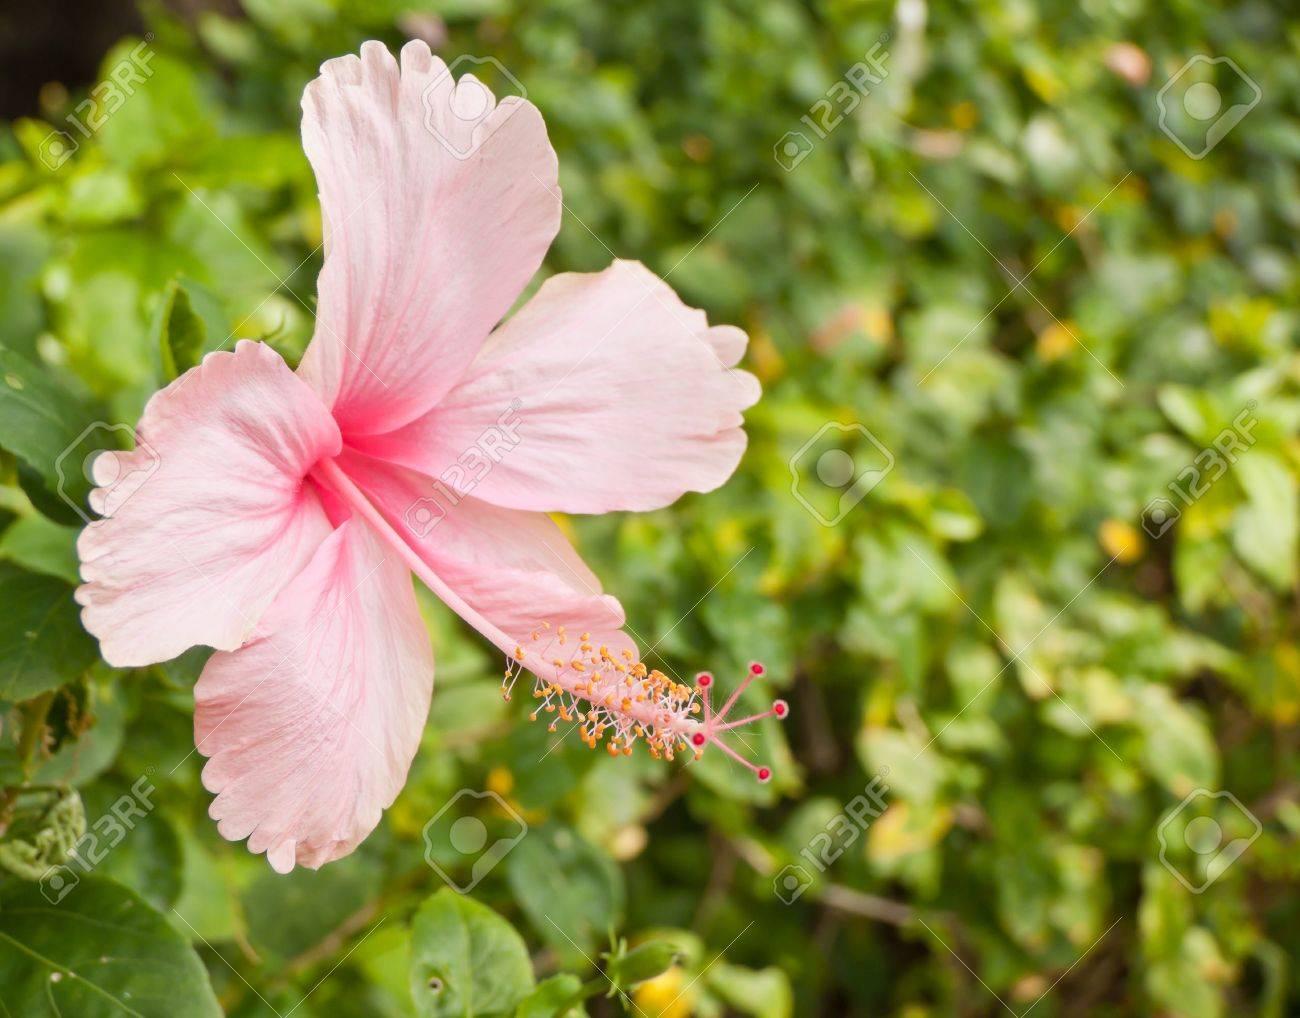 Rosa Hibiskus Blüte Im Garten Lizenzfreie Fotos Bilder Und Stock